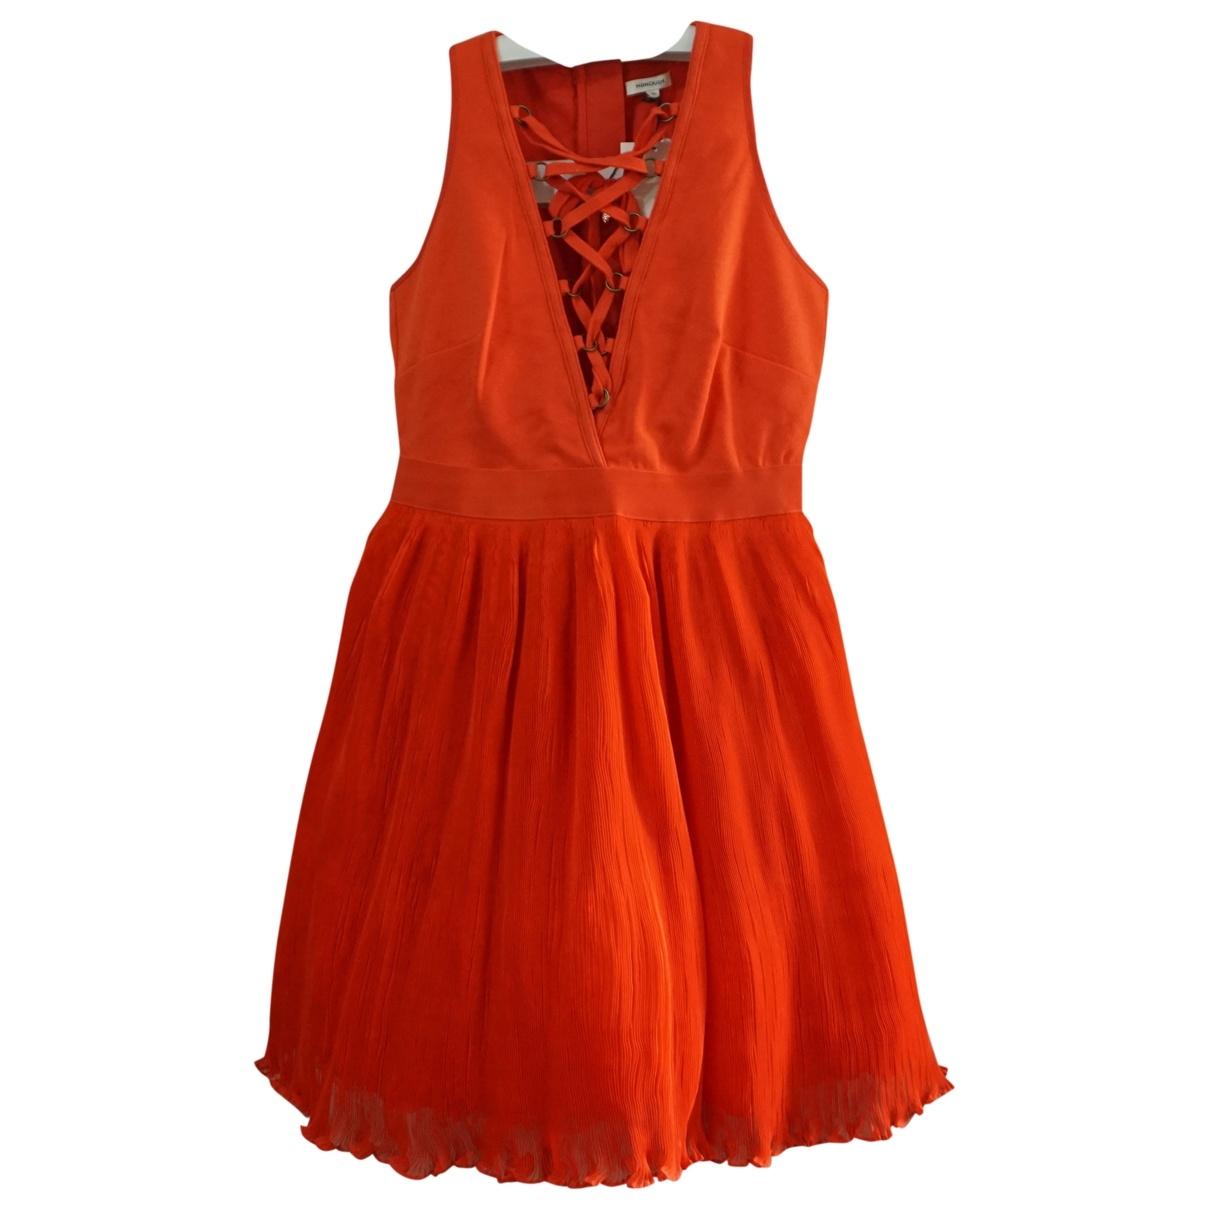 Manoush \N Orange dress for Women 40 FR